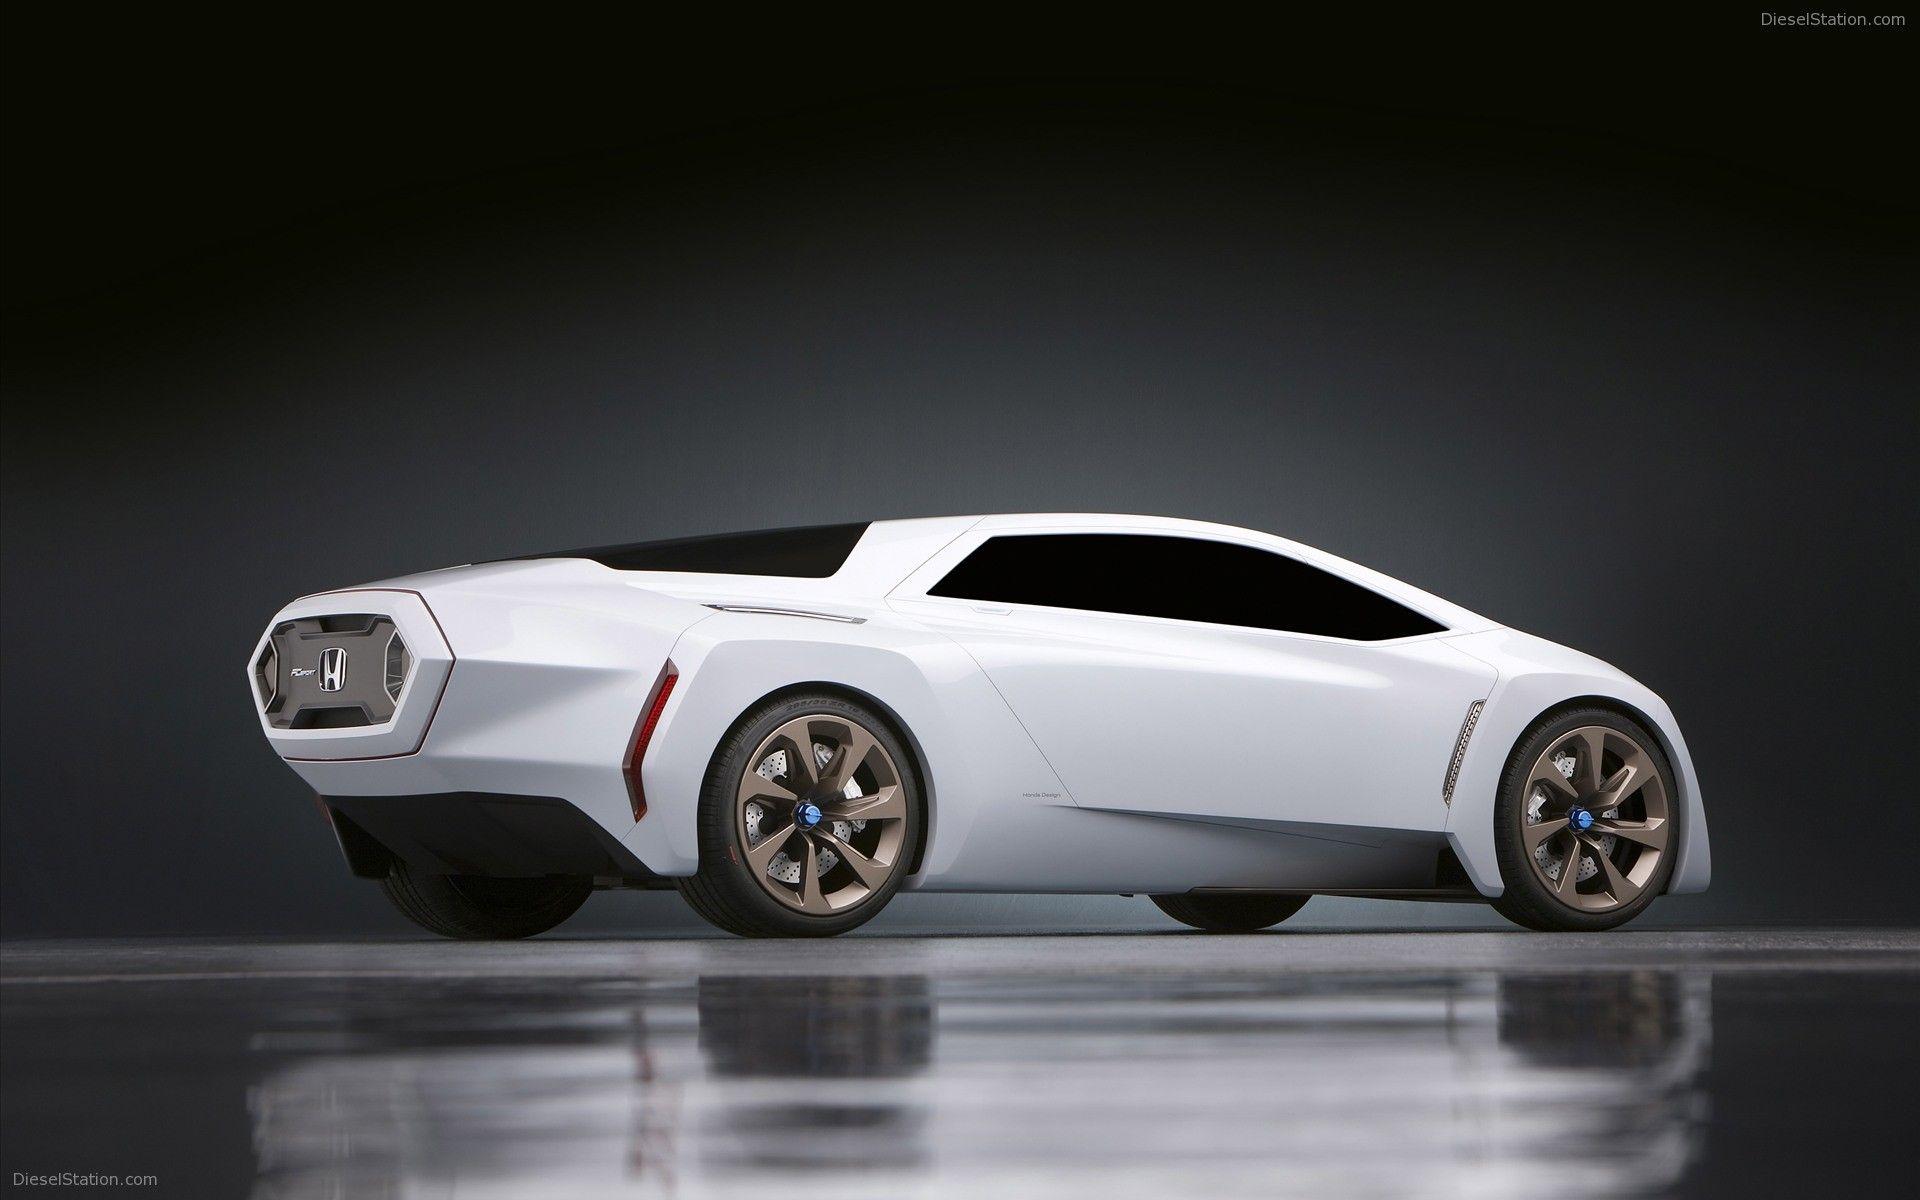 Honda Fc Sport Design Study Concept Car Widescreen Exotic Wallpaper 09 Of 42